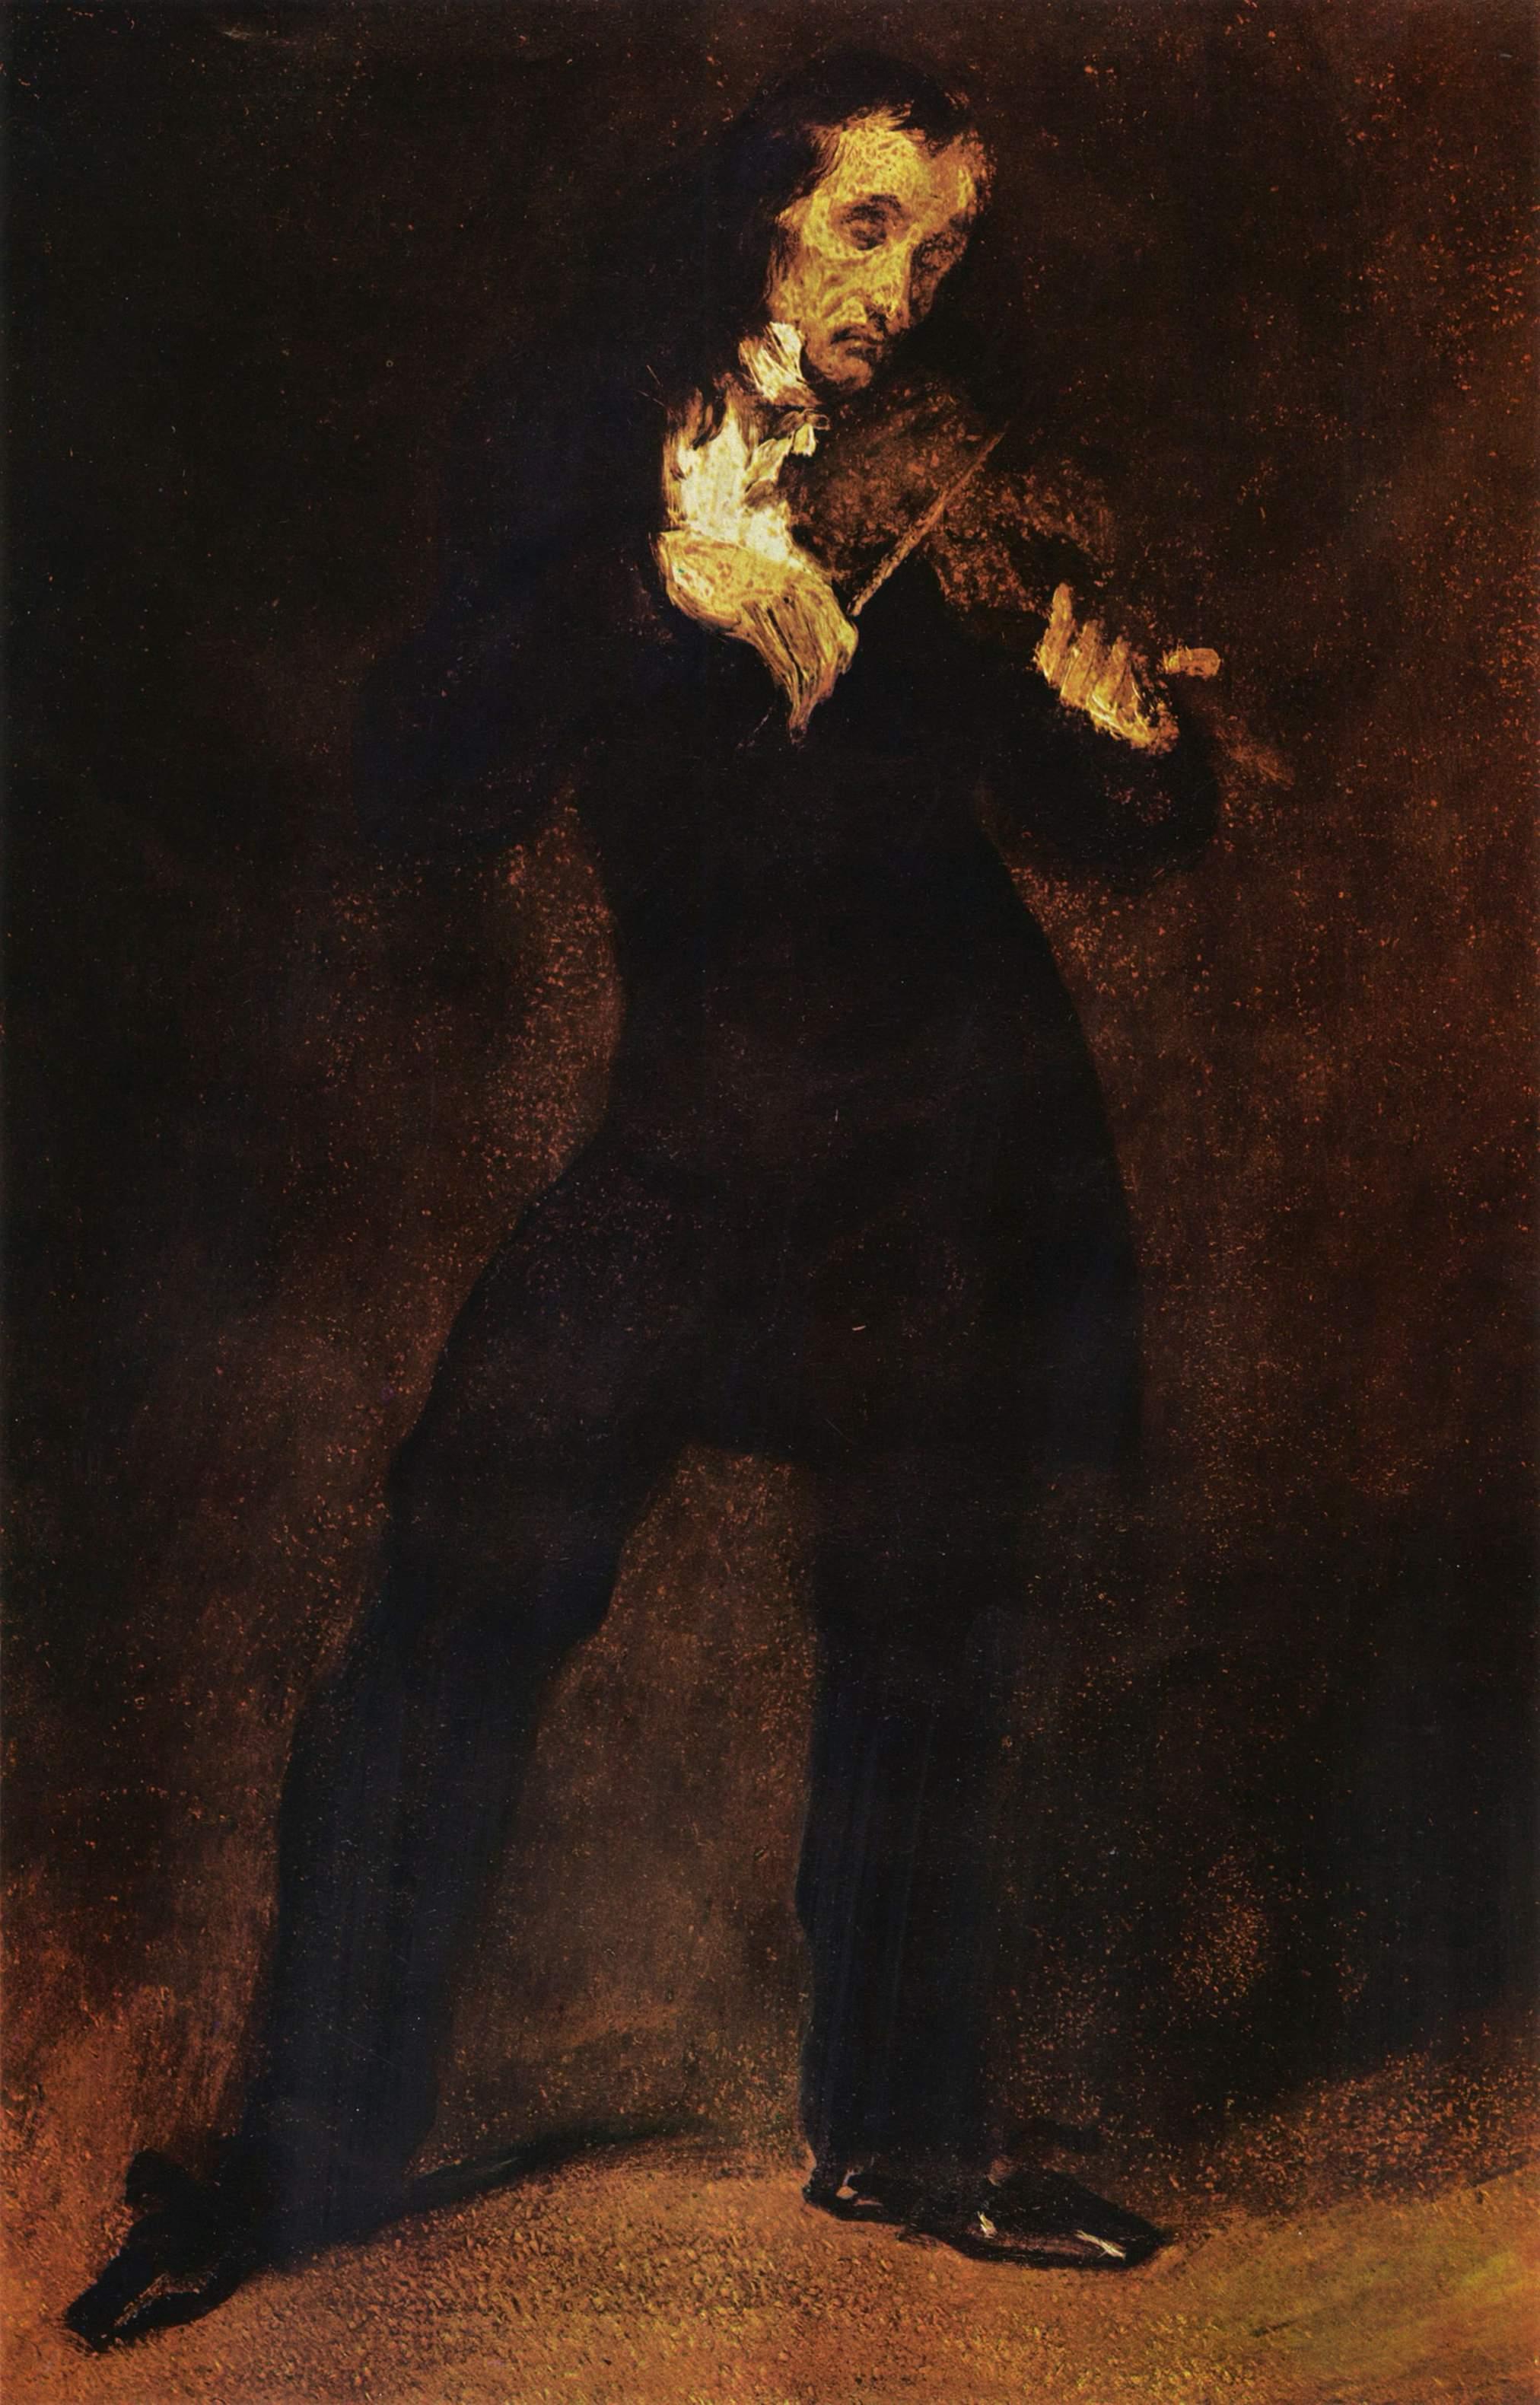 Портрет Паганини, Делакруа Эжен Фердинанд Виктор